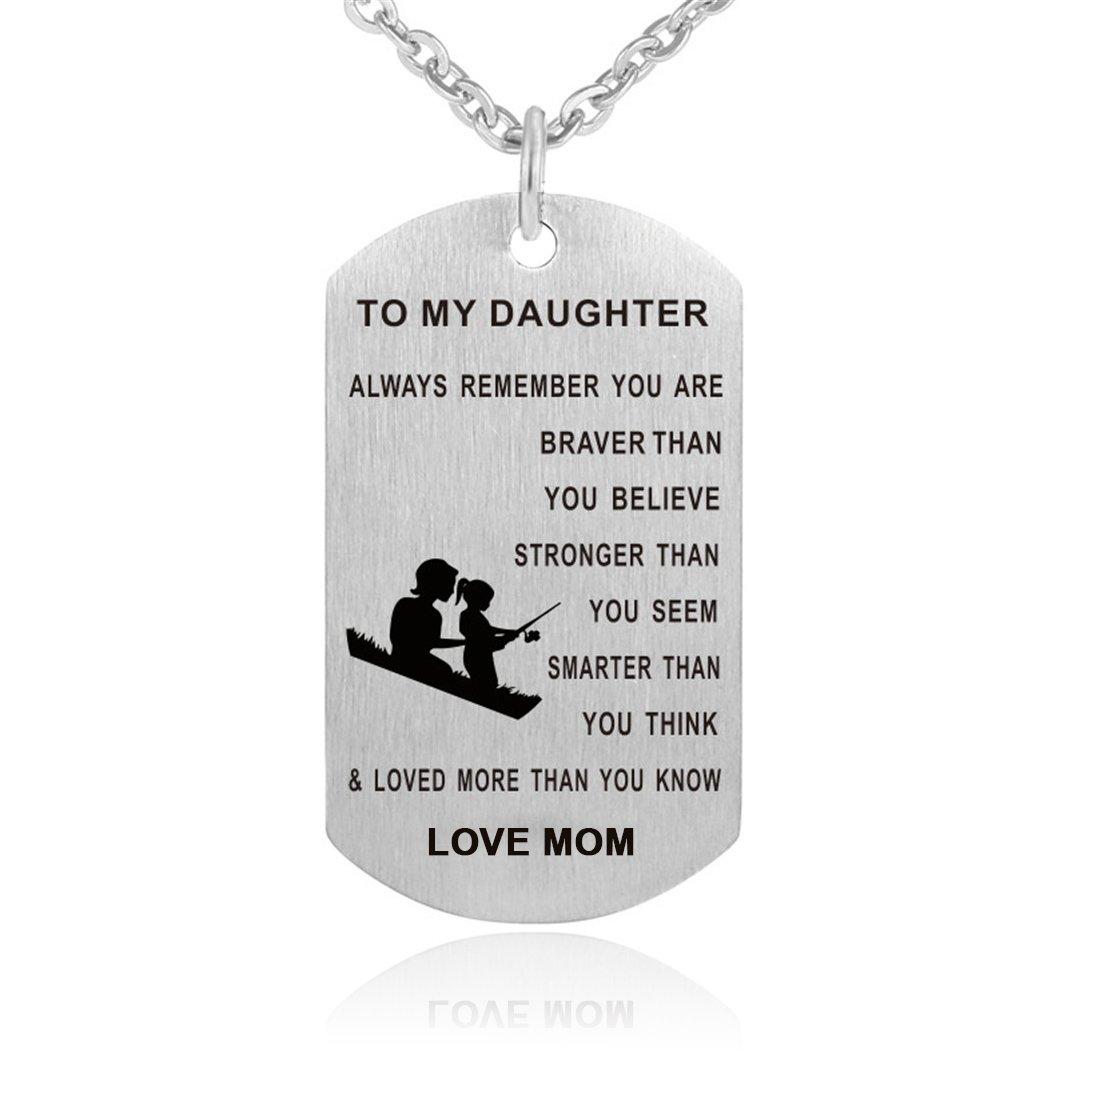 Inspirierende Halskette aus Edelstahl - Erkennungsmarke mit Aufschrift 'Always Remember You Are Braver' - Geburtstagsgeschenk für Tochter und Sohn Cozylife XL062